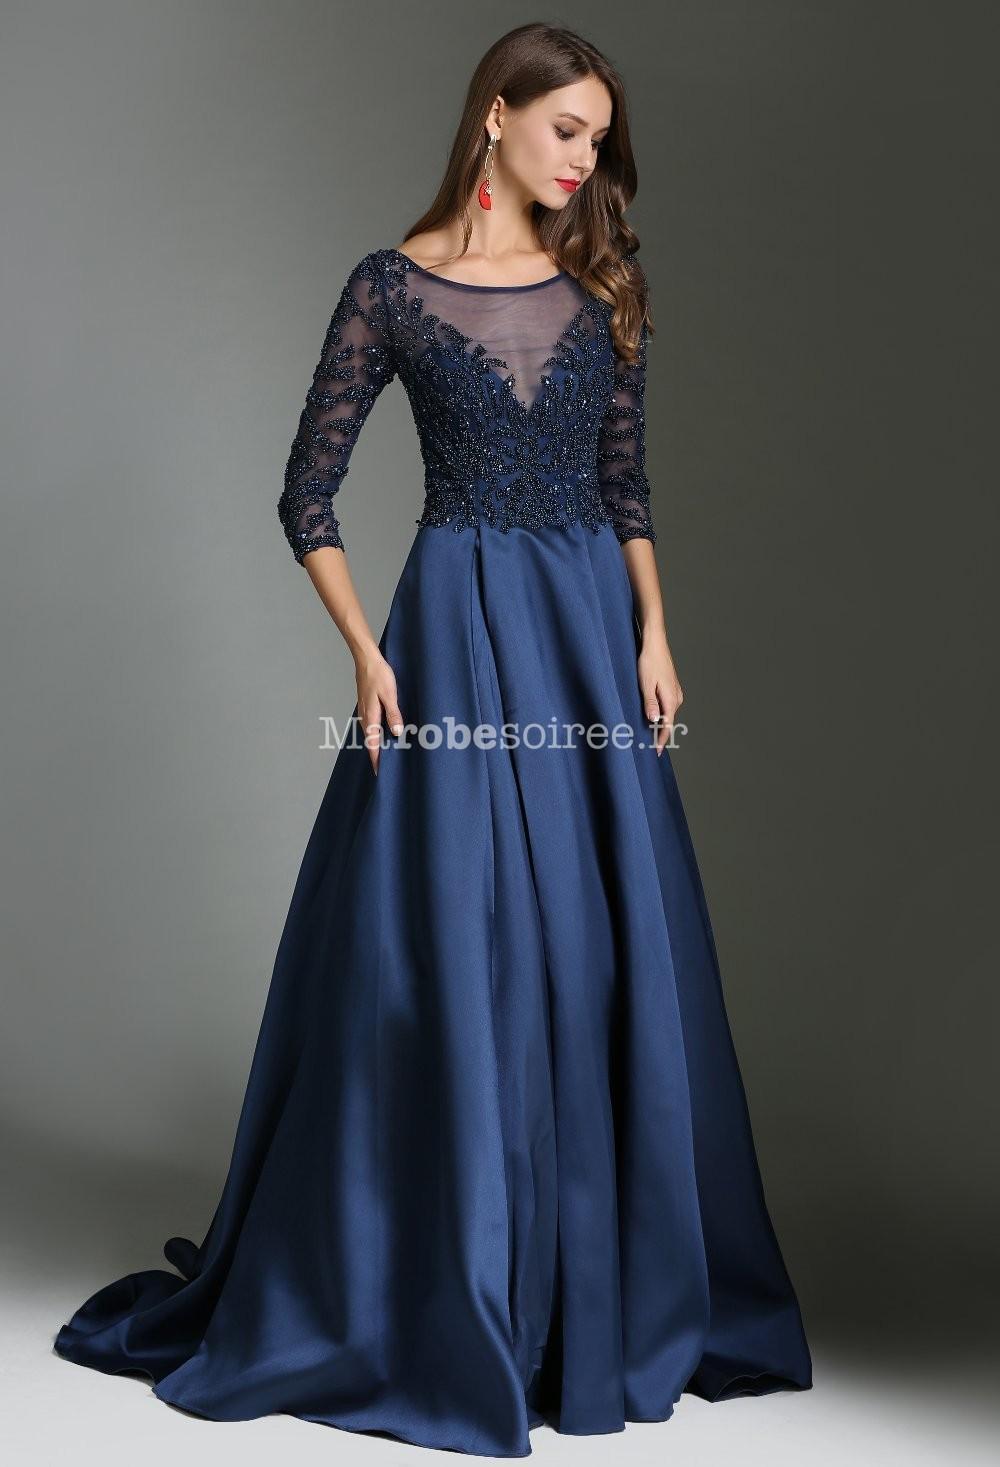 Robe De Soirée Bleu Nuit Luxe